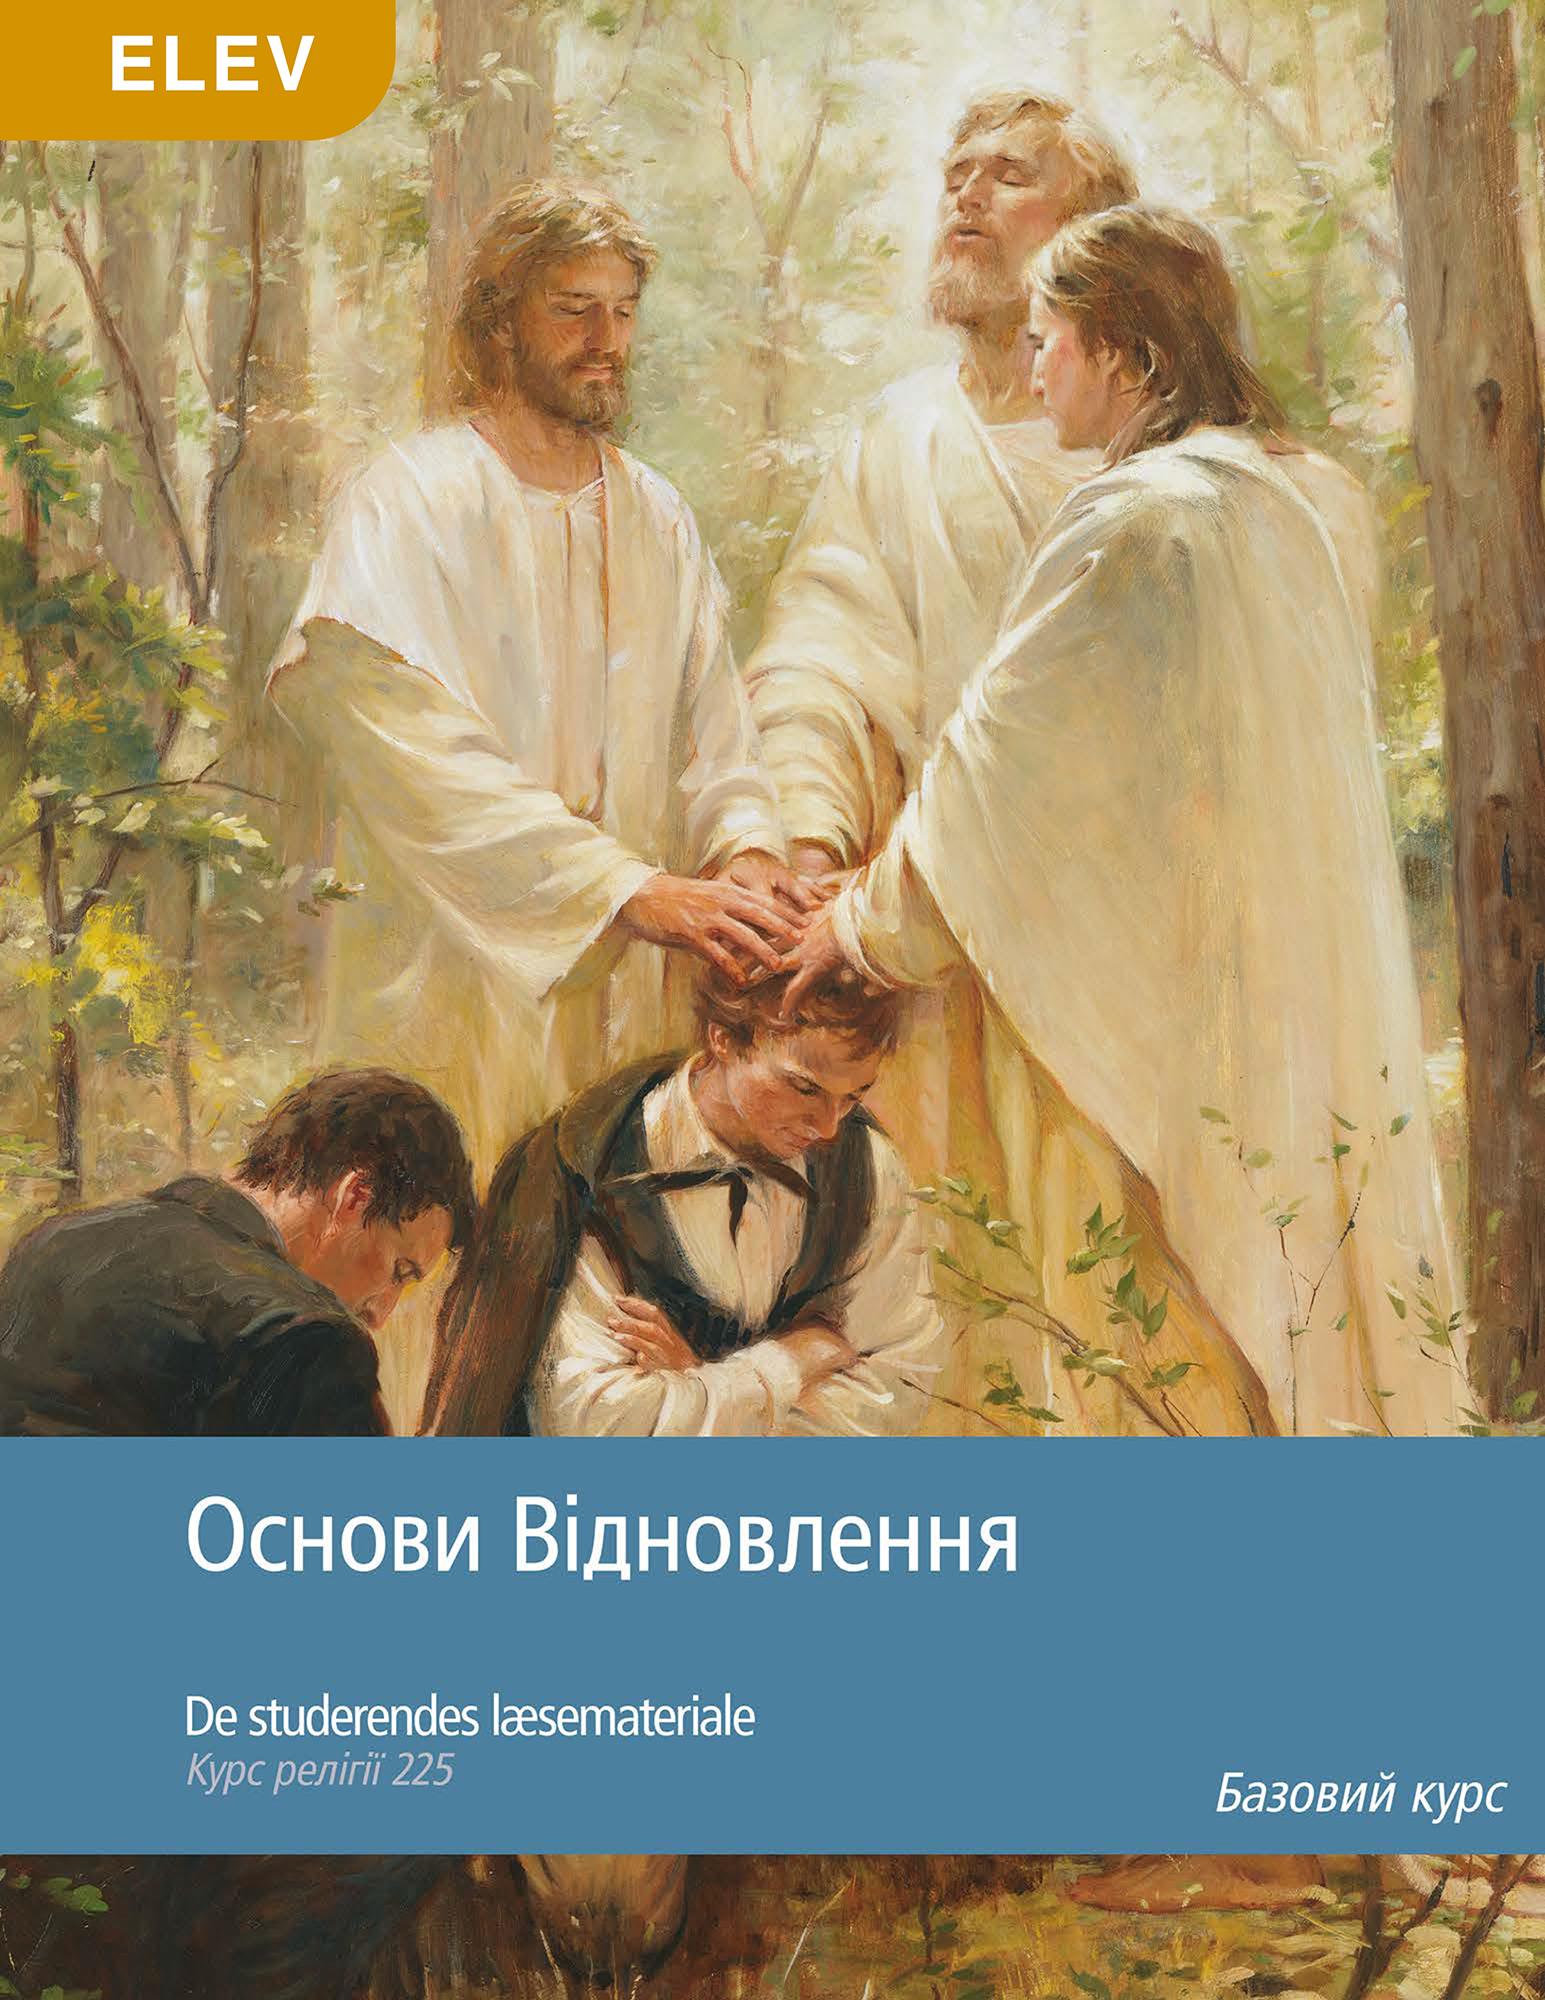 Grundlaget for genoprettelsen – De studerendes læsematerialer (Rel 225)